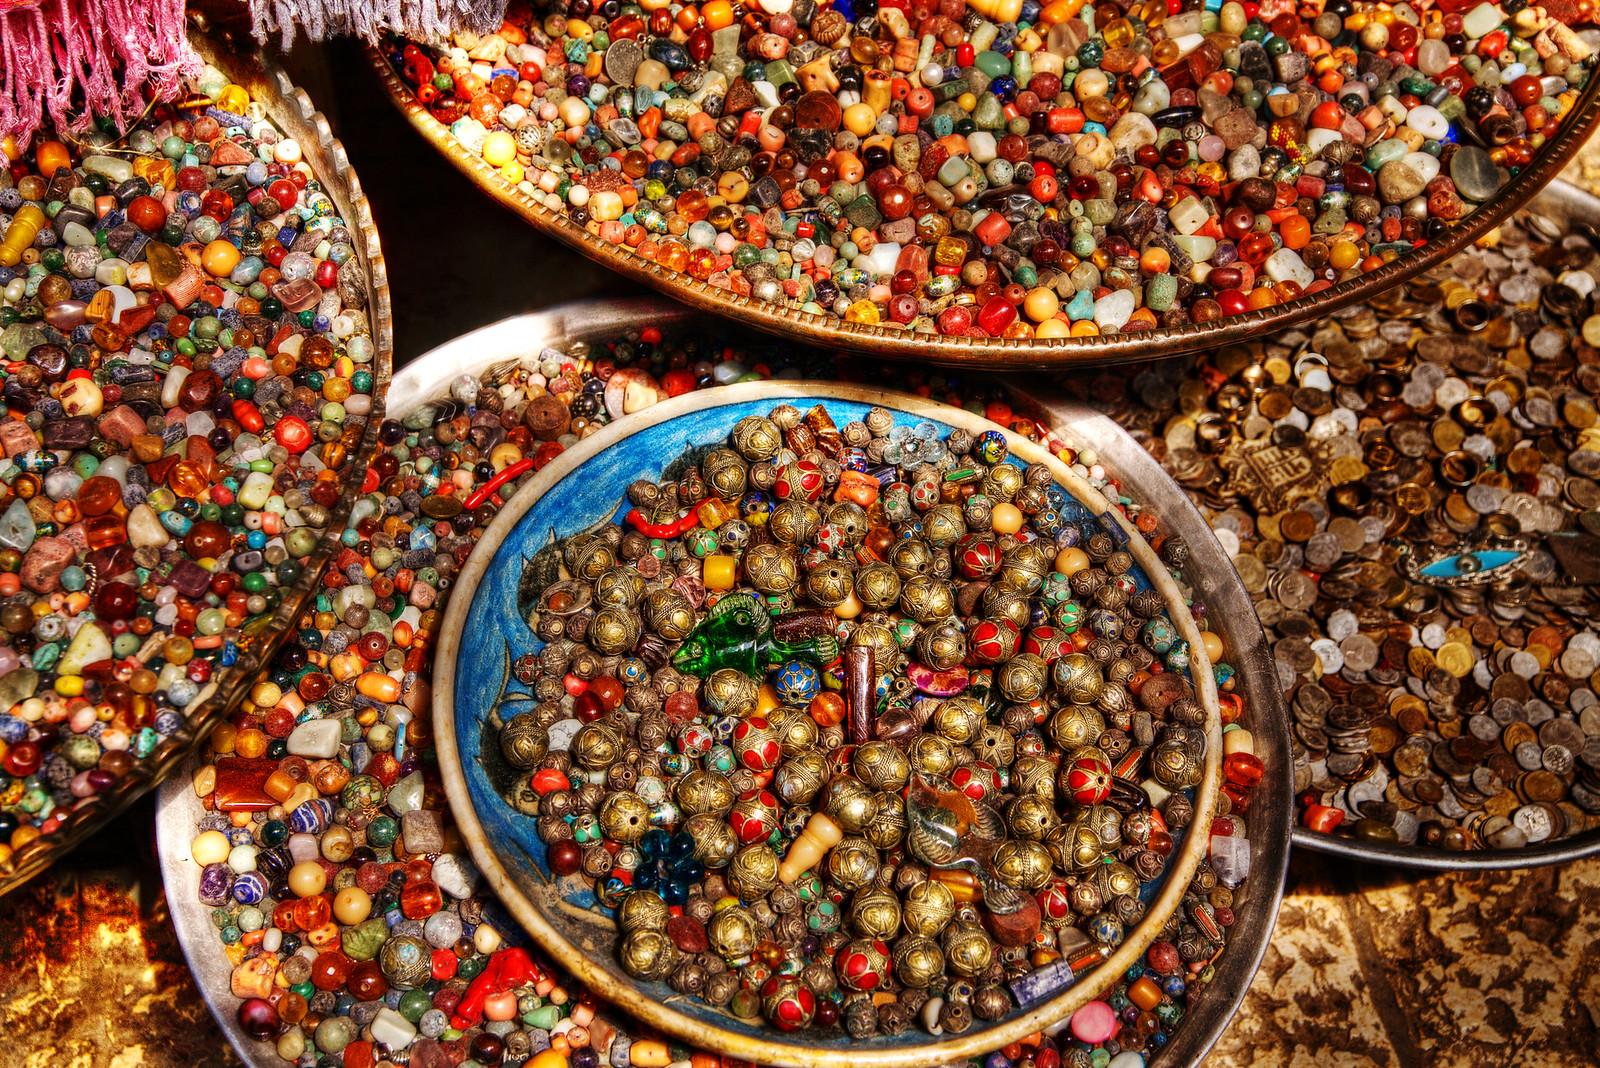 Jerusalem_OLd City market_10_Noam Chen_ IMOT